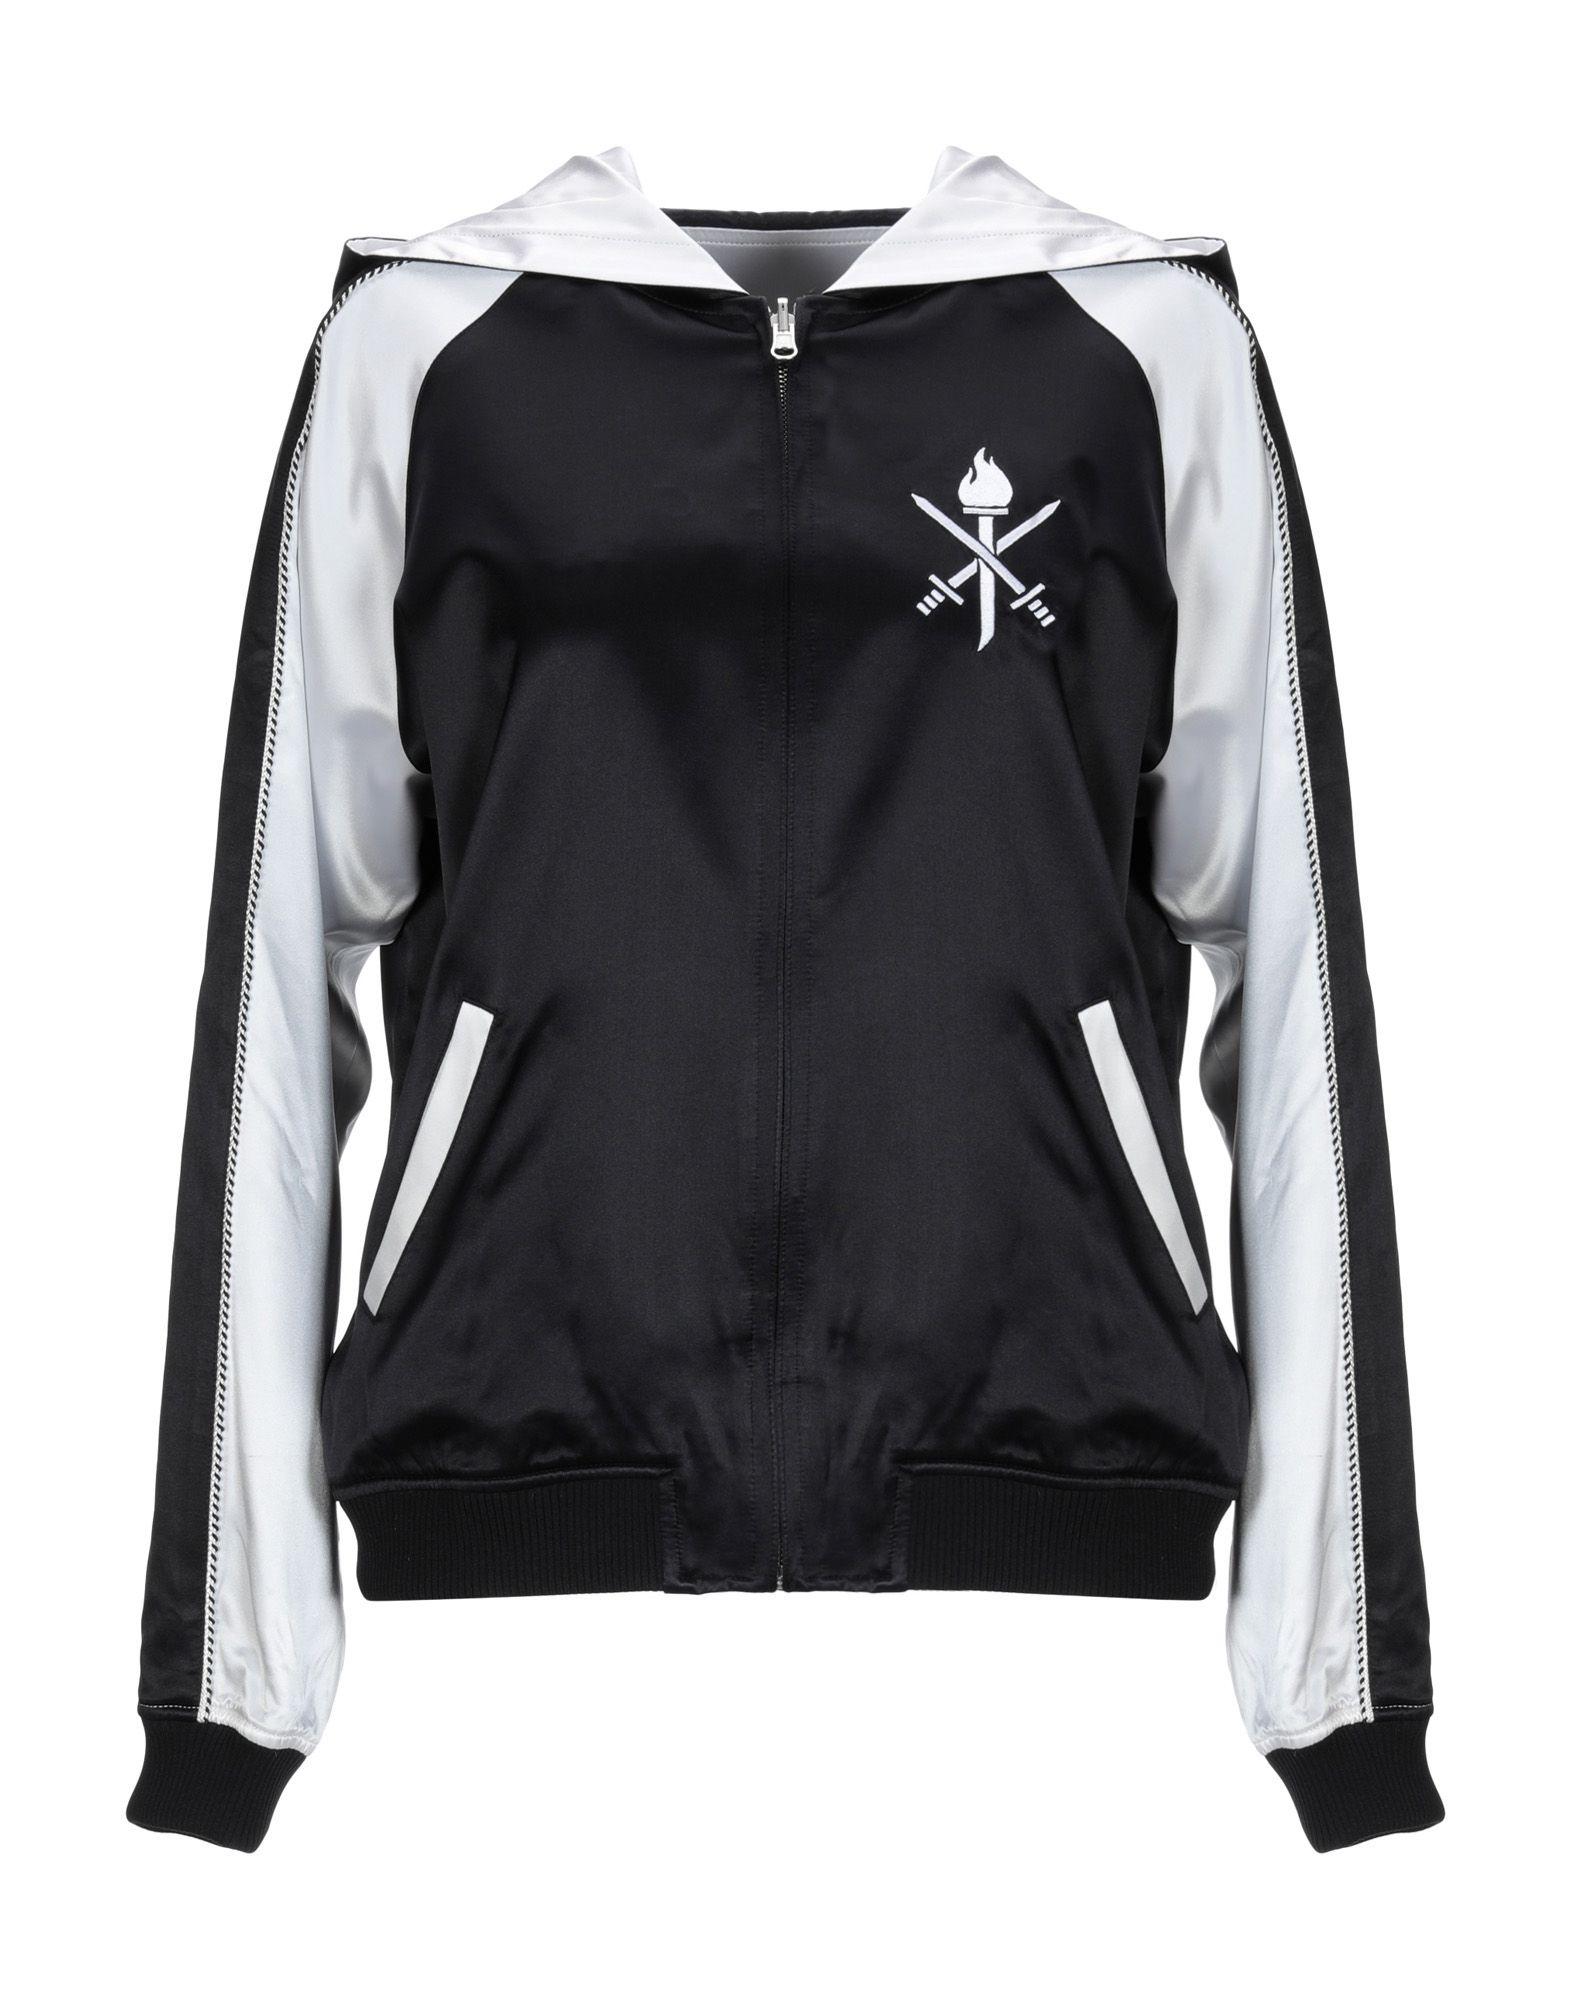 《送料無料》OPENING CEREMONY レディース スウェットシャツ ブラック XS シルク 100%